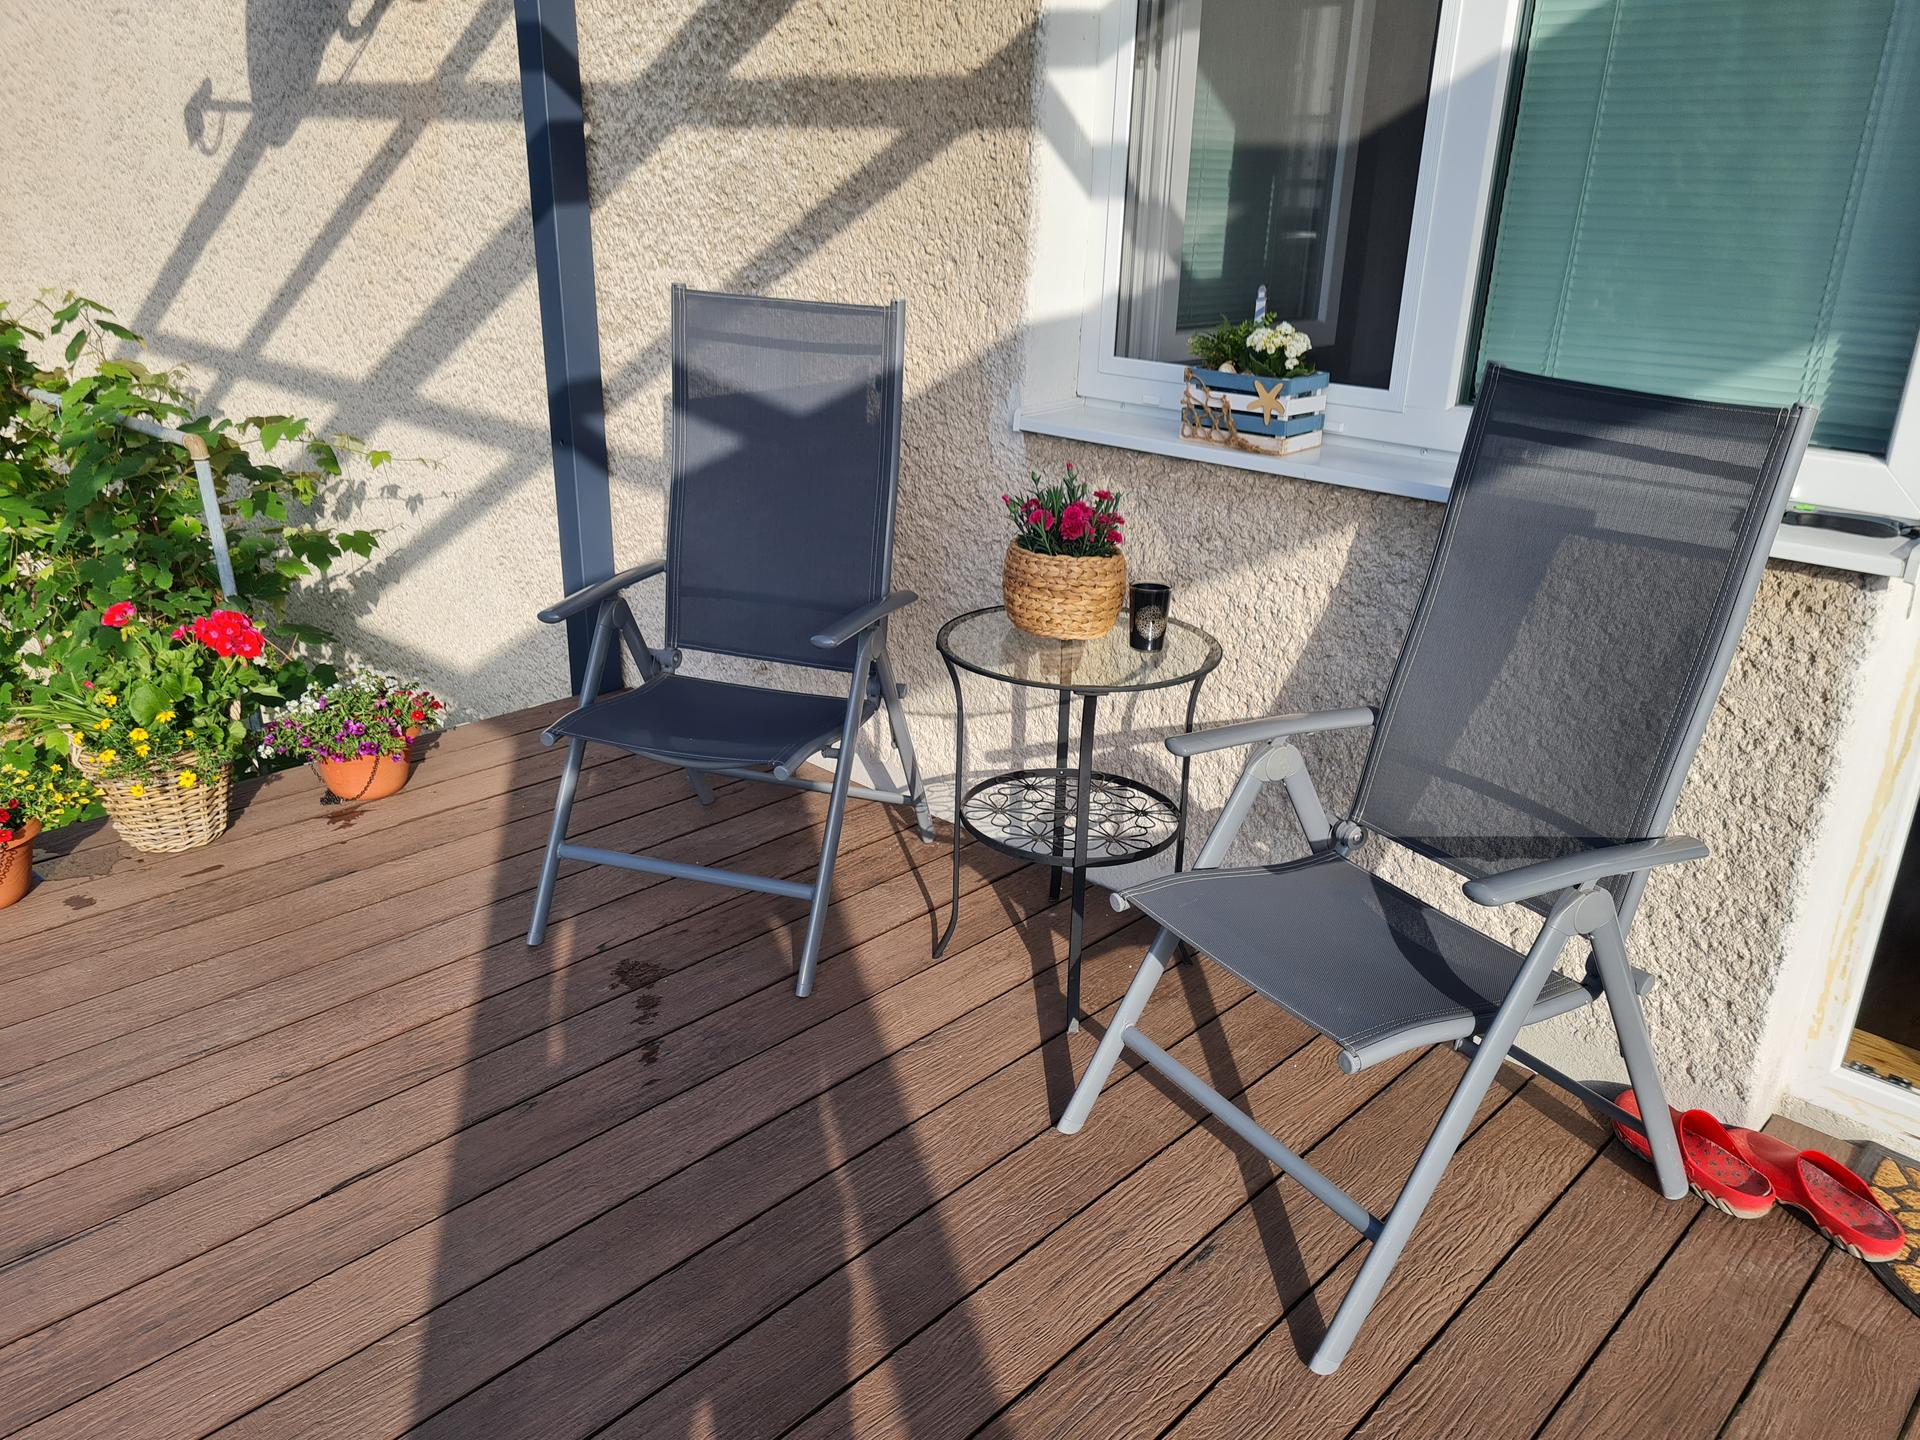 Premena balkóna na terasku - Sedenie dočasné, kým nie je zábradlie a prekrytá strecha ... ale už teraz sa tam fajne pije ráno kávička ;-)